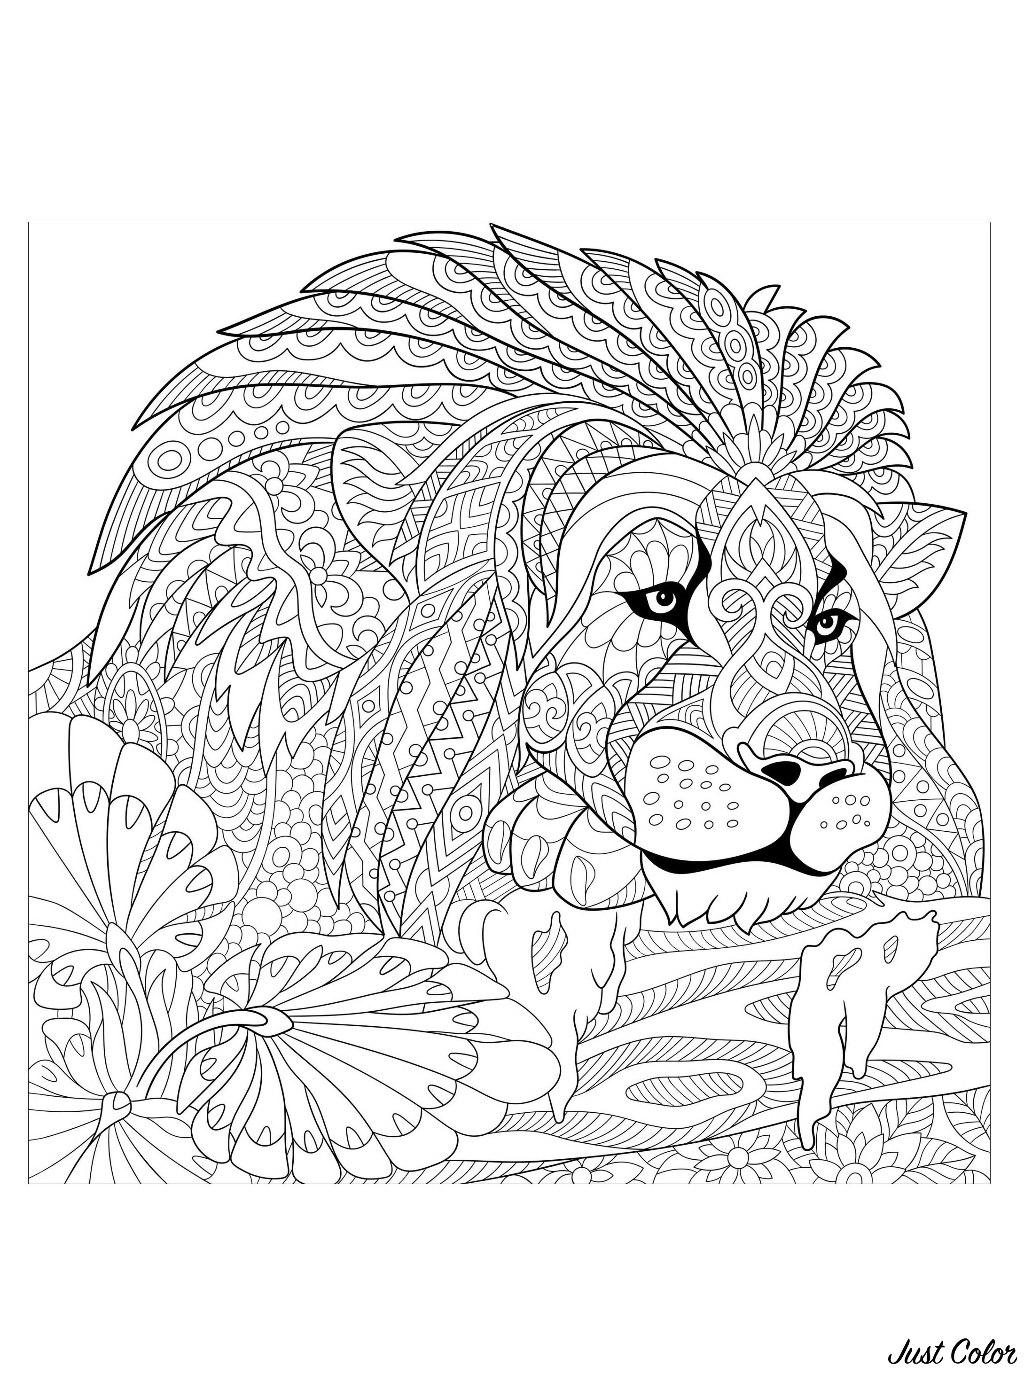 Colorear para adultos  : Leones - 3